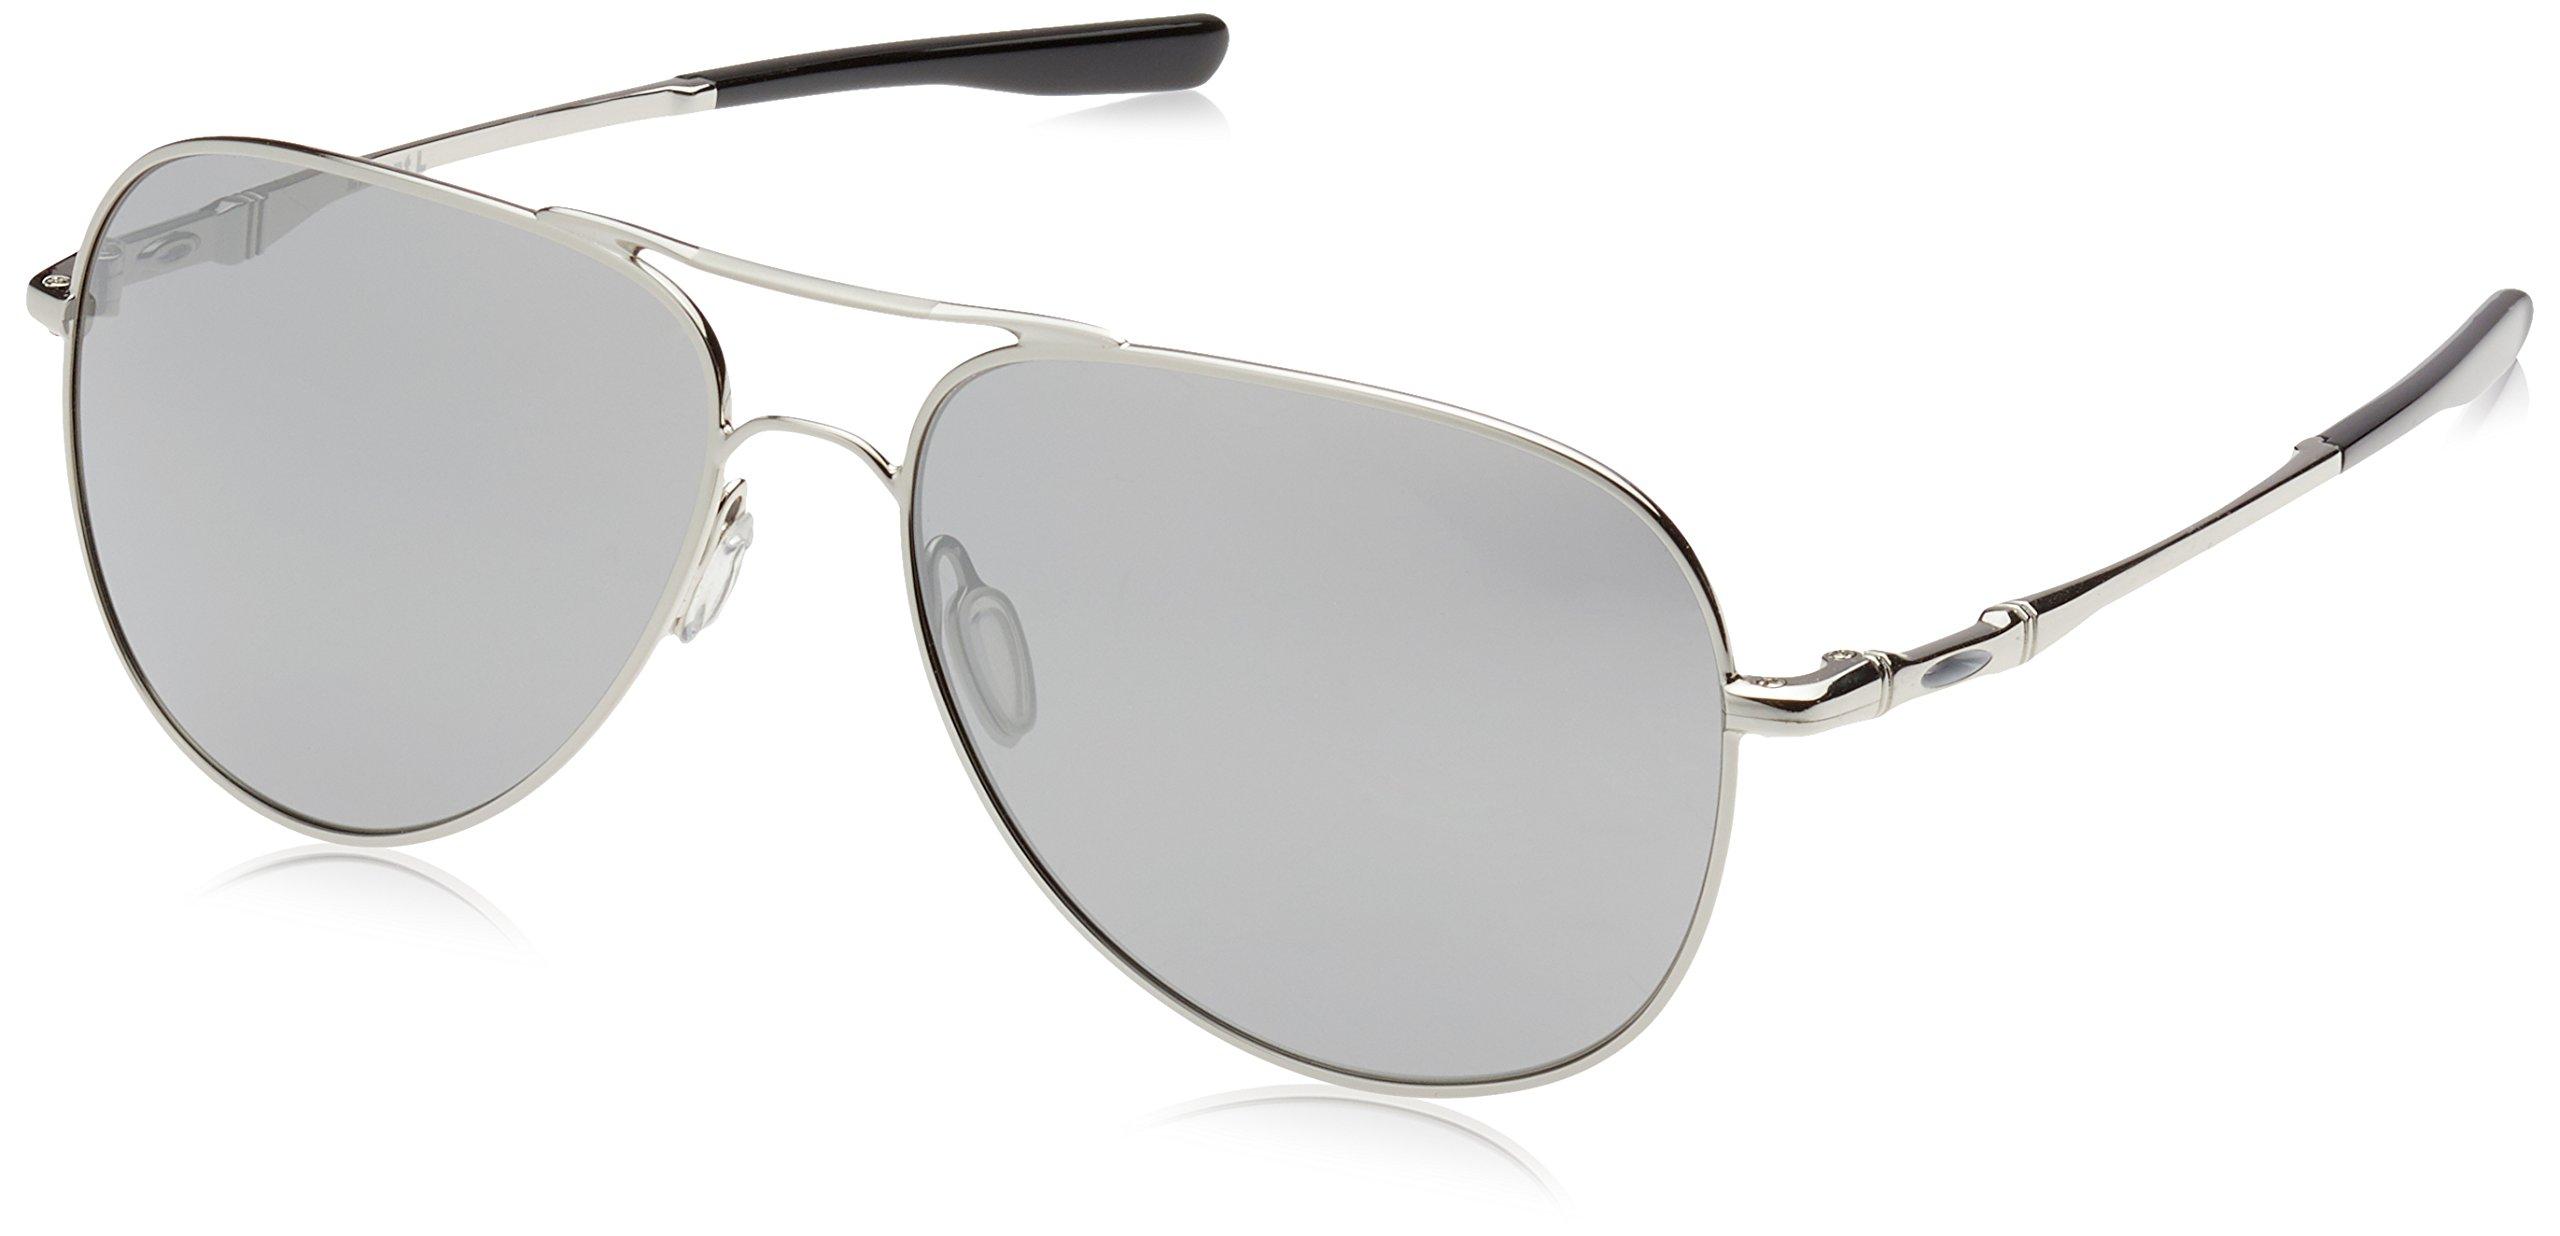 Oakley Men's Elmont M Sunglasses,Chrome/Chrome